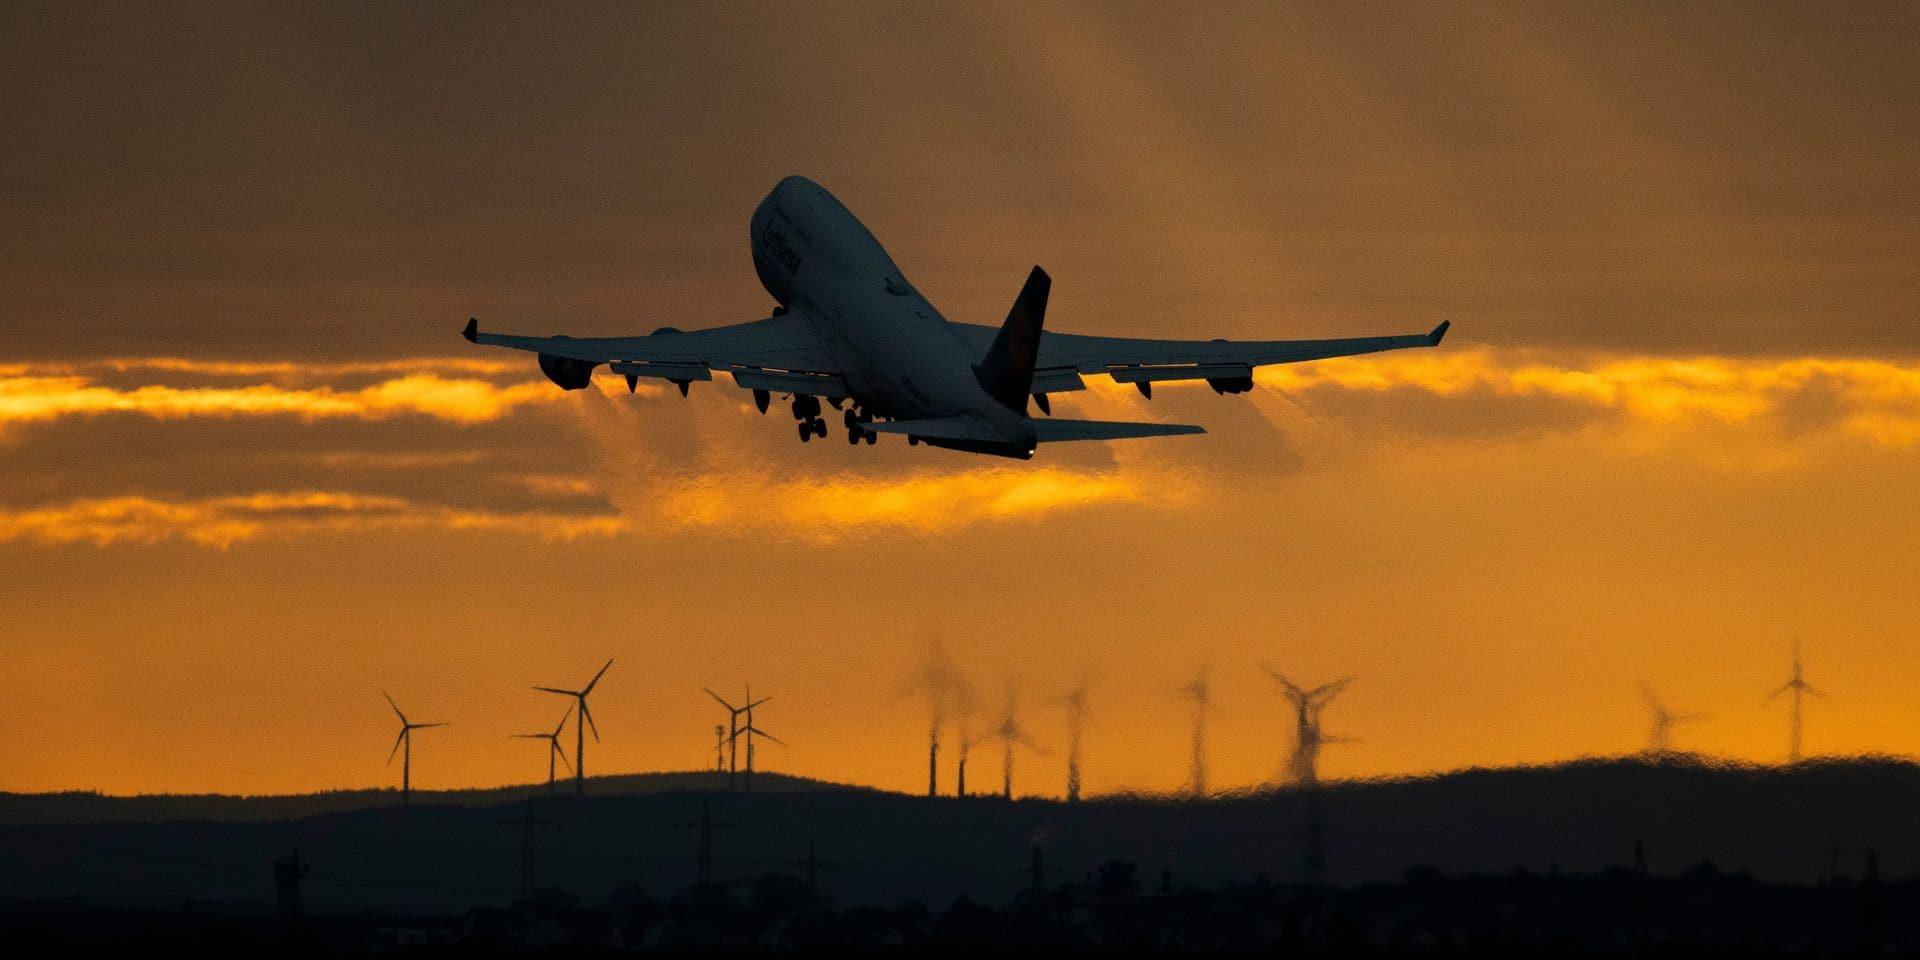 Boeing, un emblème de la puissance américaine, tombé de son piédestal